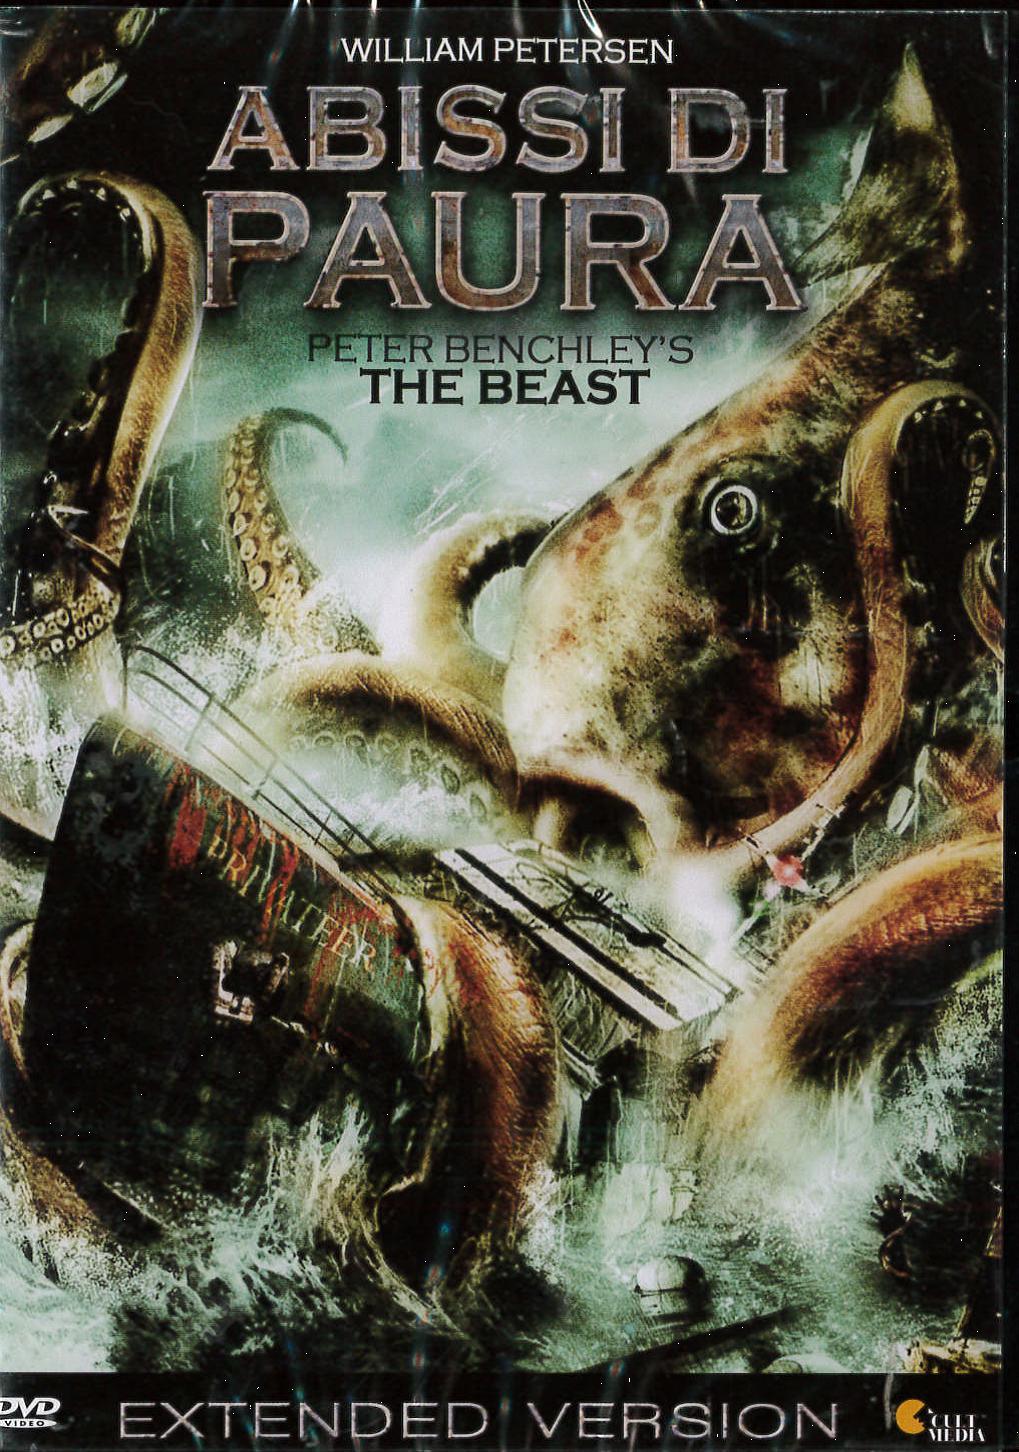 ABISSI DI PAURA (DVD)